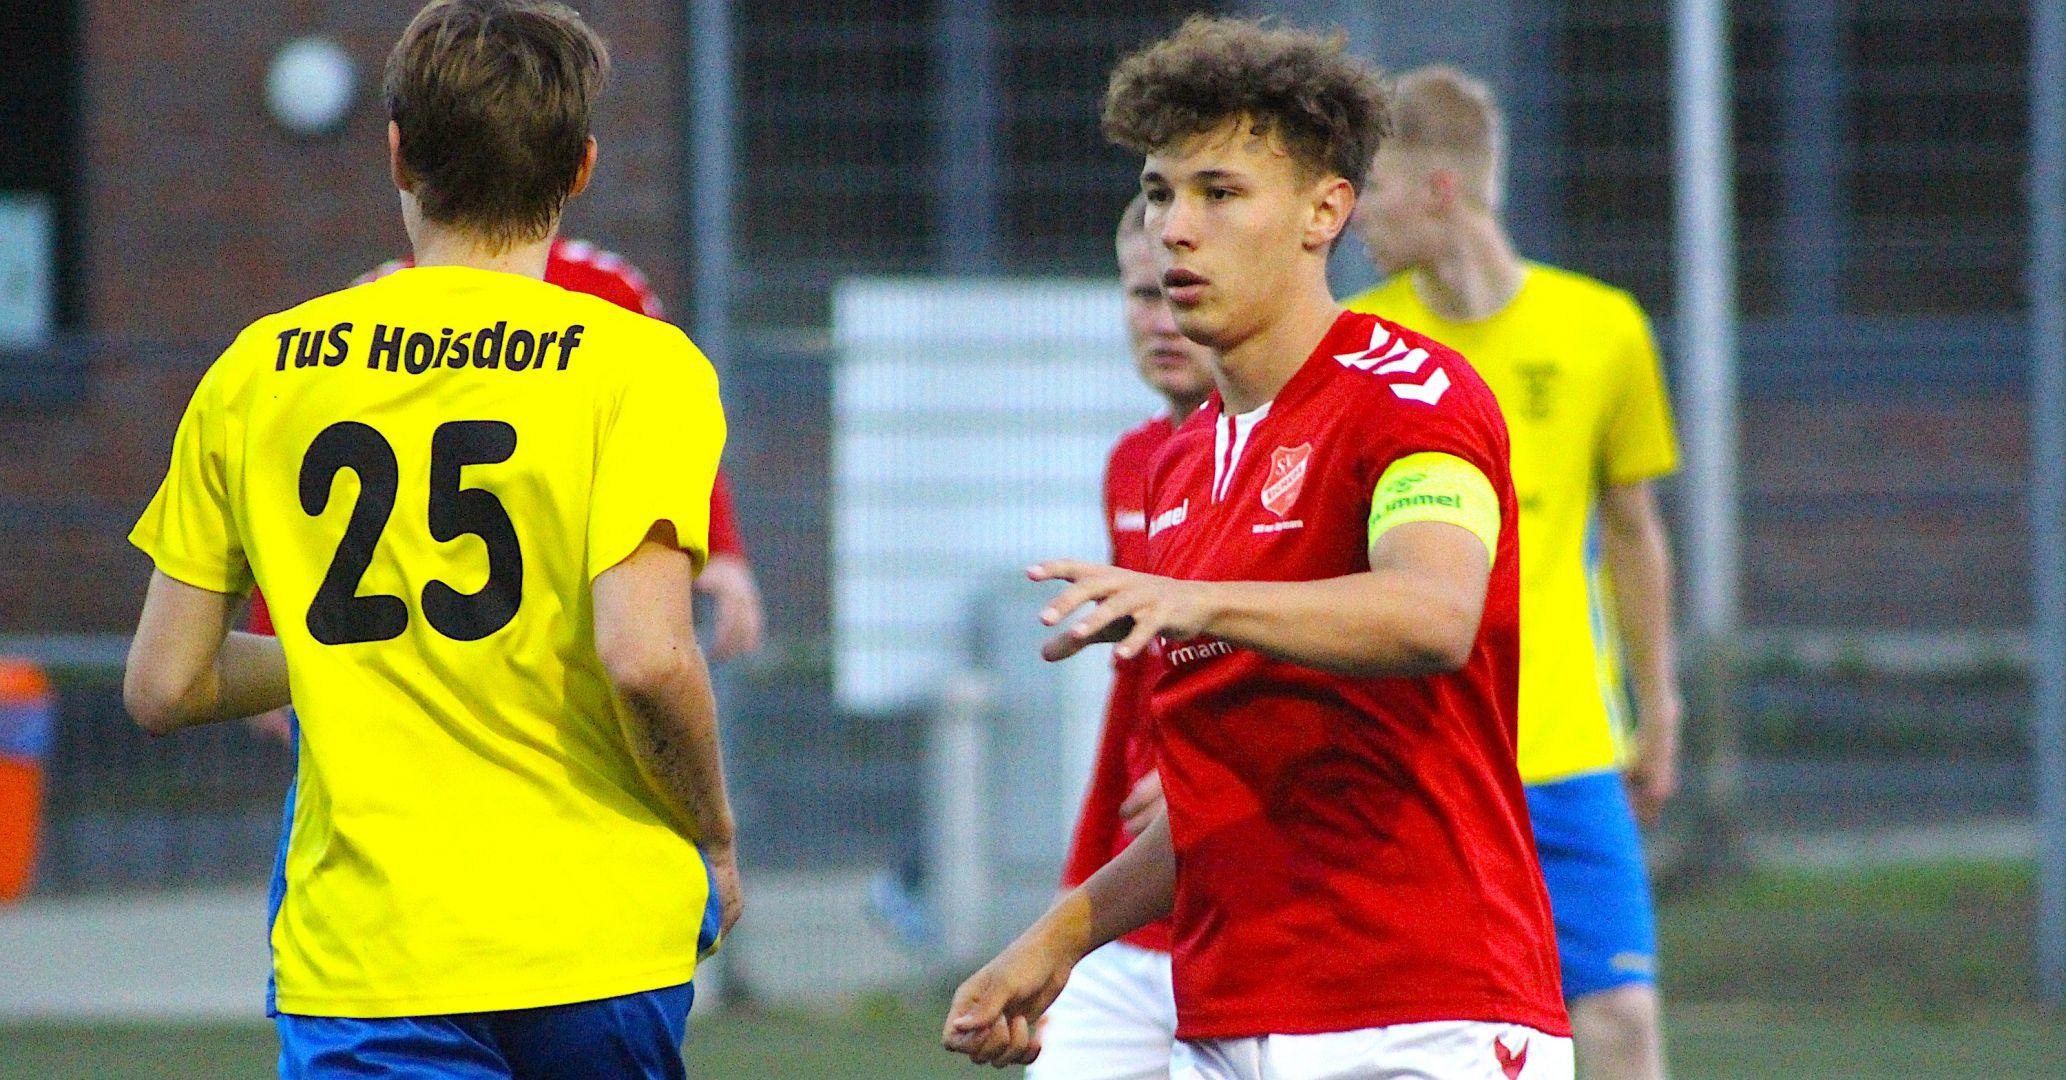 5:0-Sieg beim TuS Hoisdorf: SV Eichede zieht ins Viertelfinale des Kreispokals ein